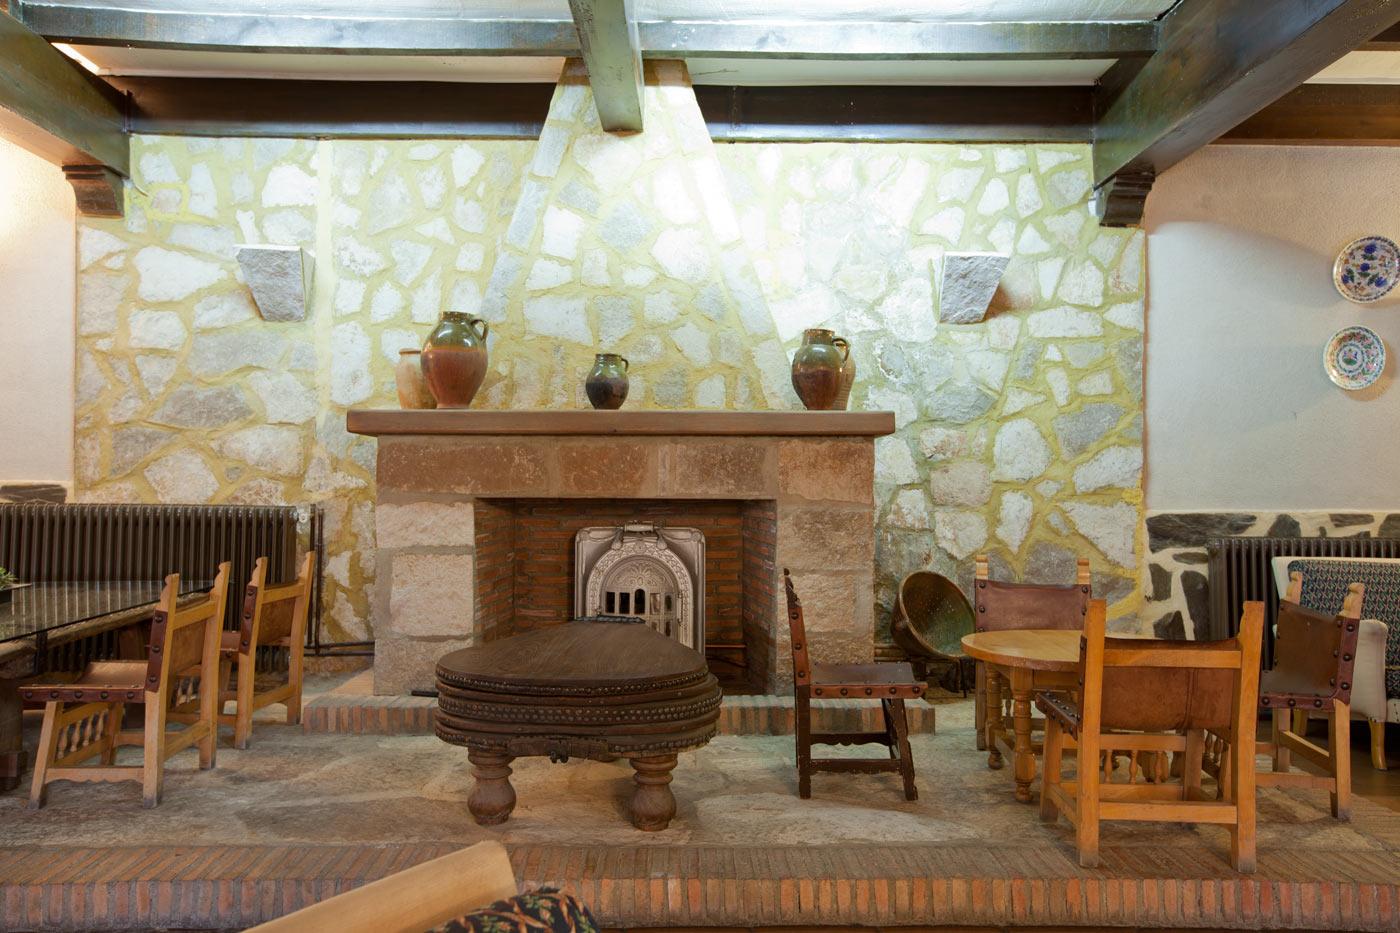 Fotos del hotel cueva del fraile cuenca web oficial for Sala de estar de un hotel